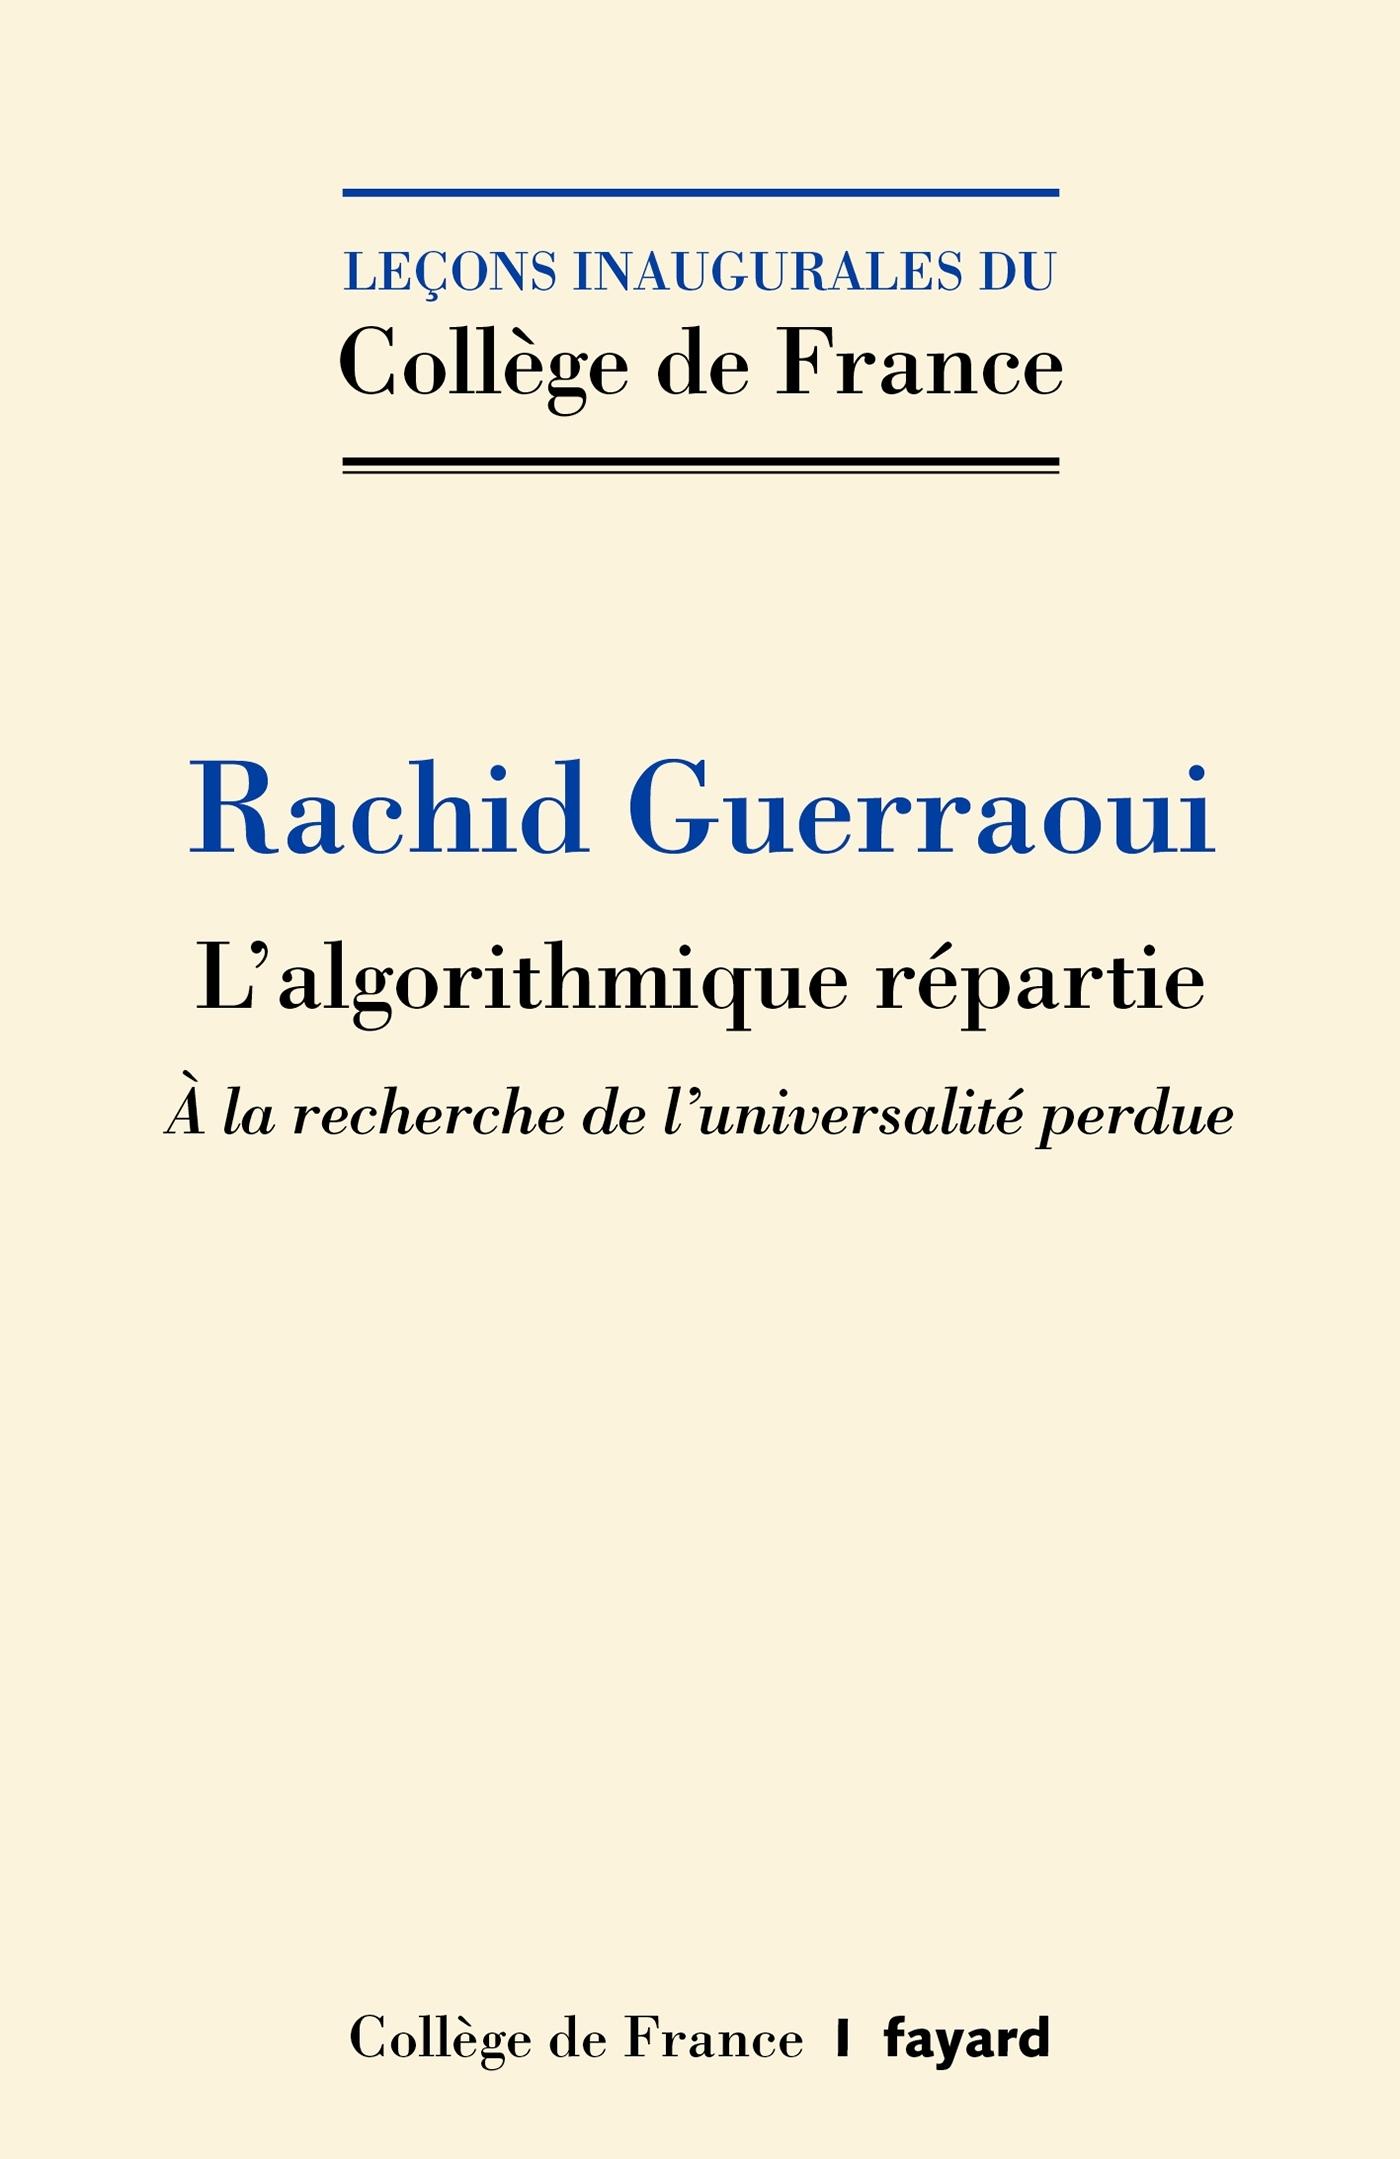 L'ALGORITHMIQUE REPARTIE - A LA RECHERCHE DE L'UNIVERSALITE PERDUE